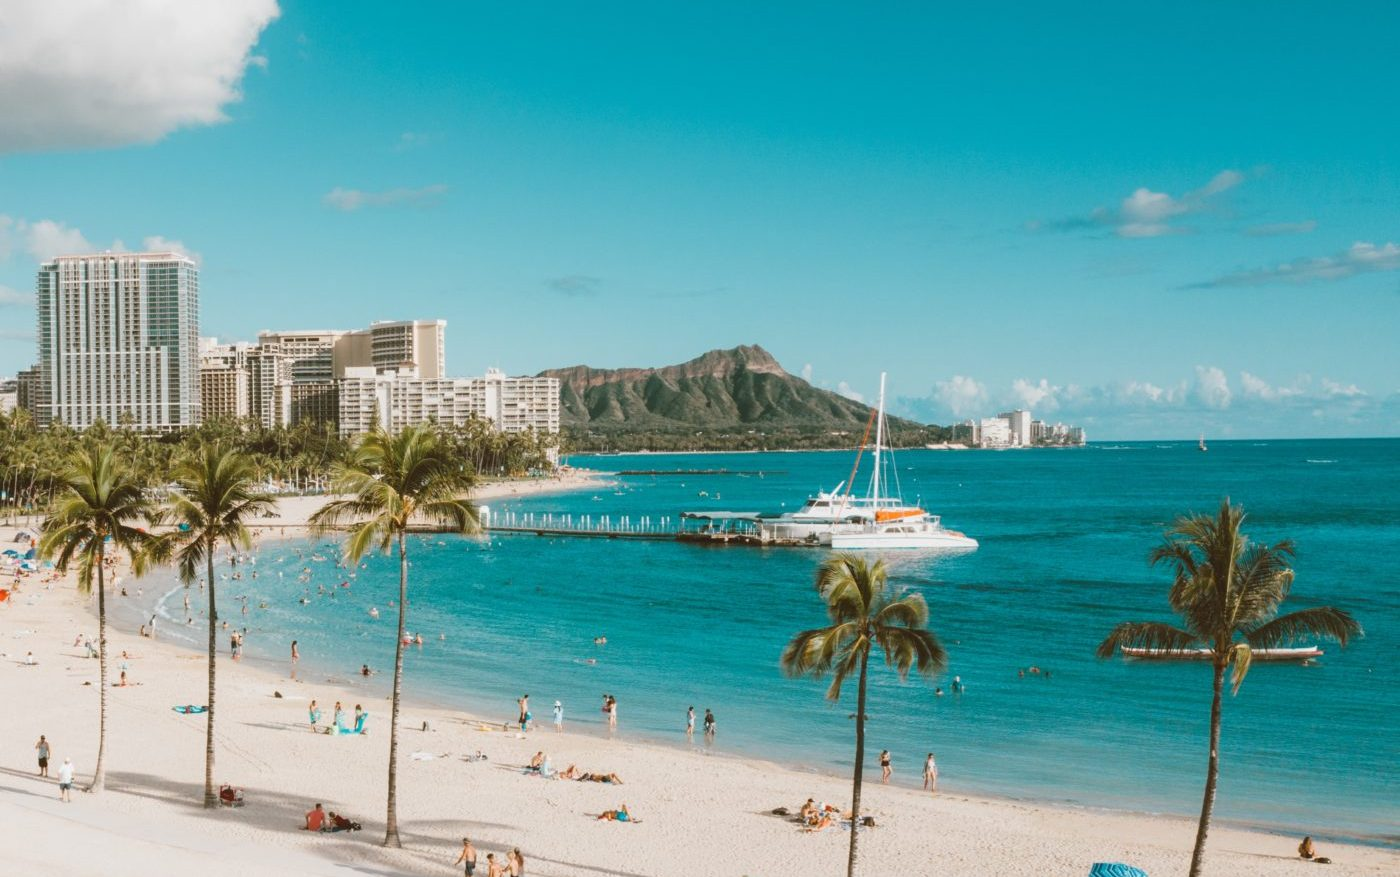 ハワイ ワイキキビーチとダイヤモンドヘッドの写真